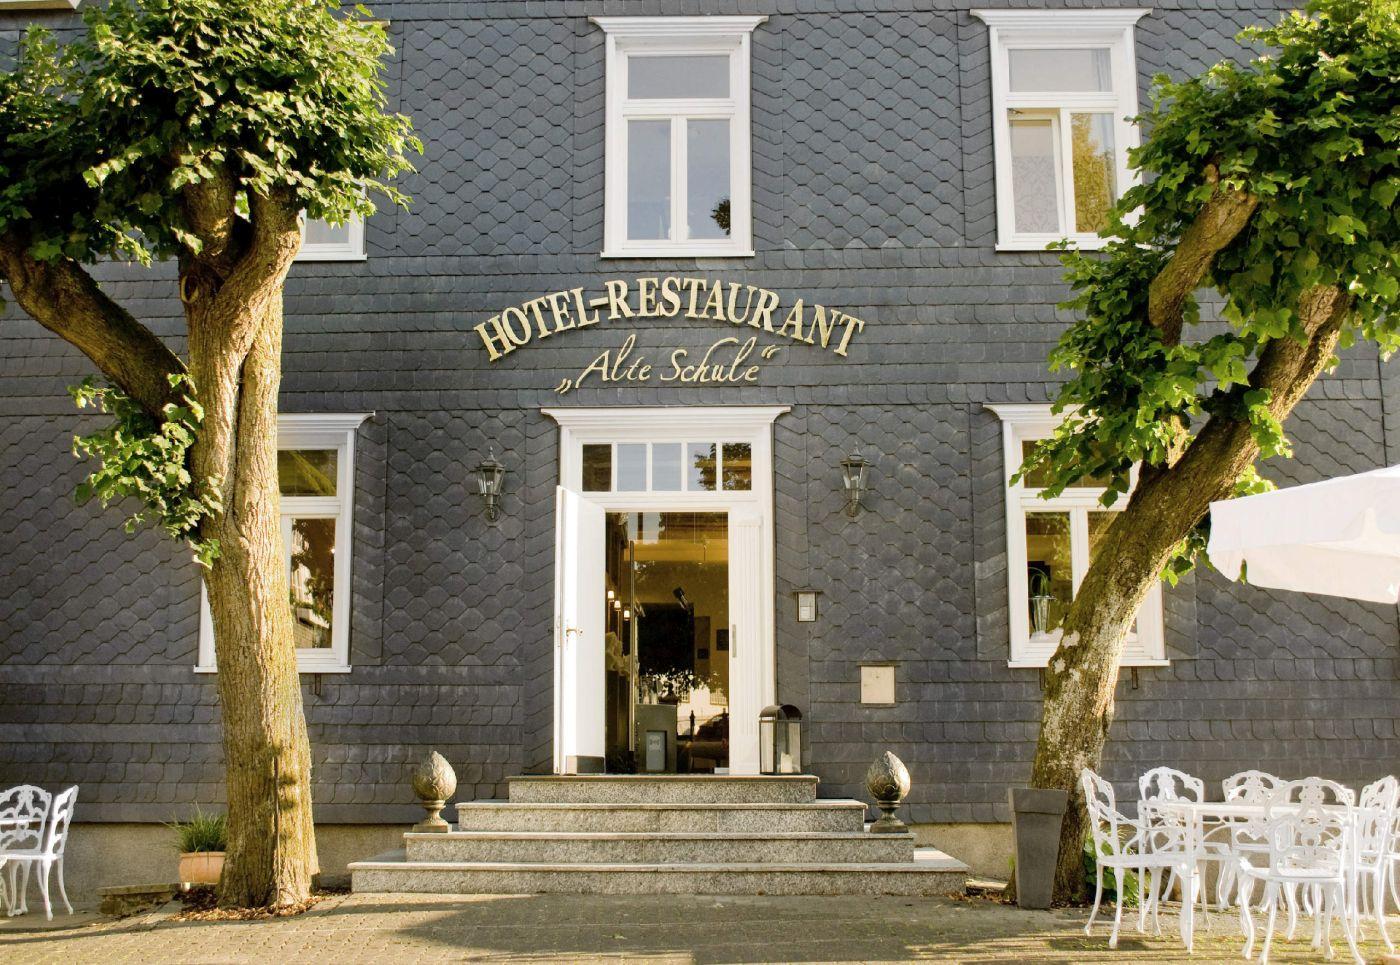 Hotel Alte Schule - Übernachten in Bad Berleburg - Hotel